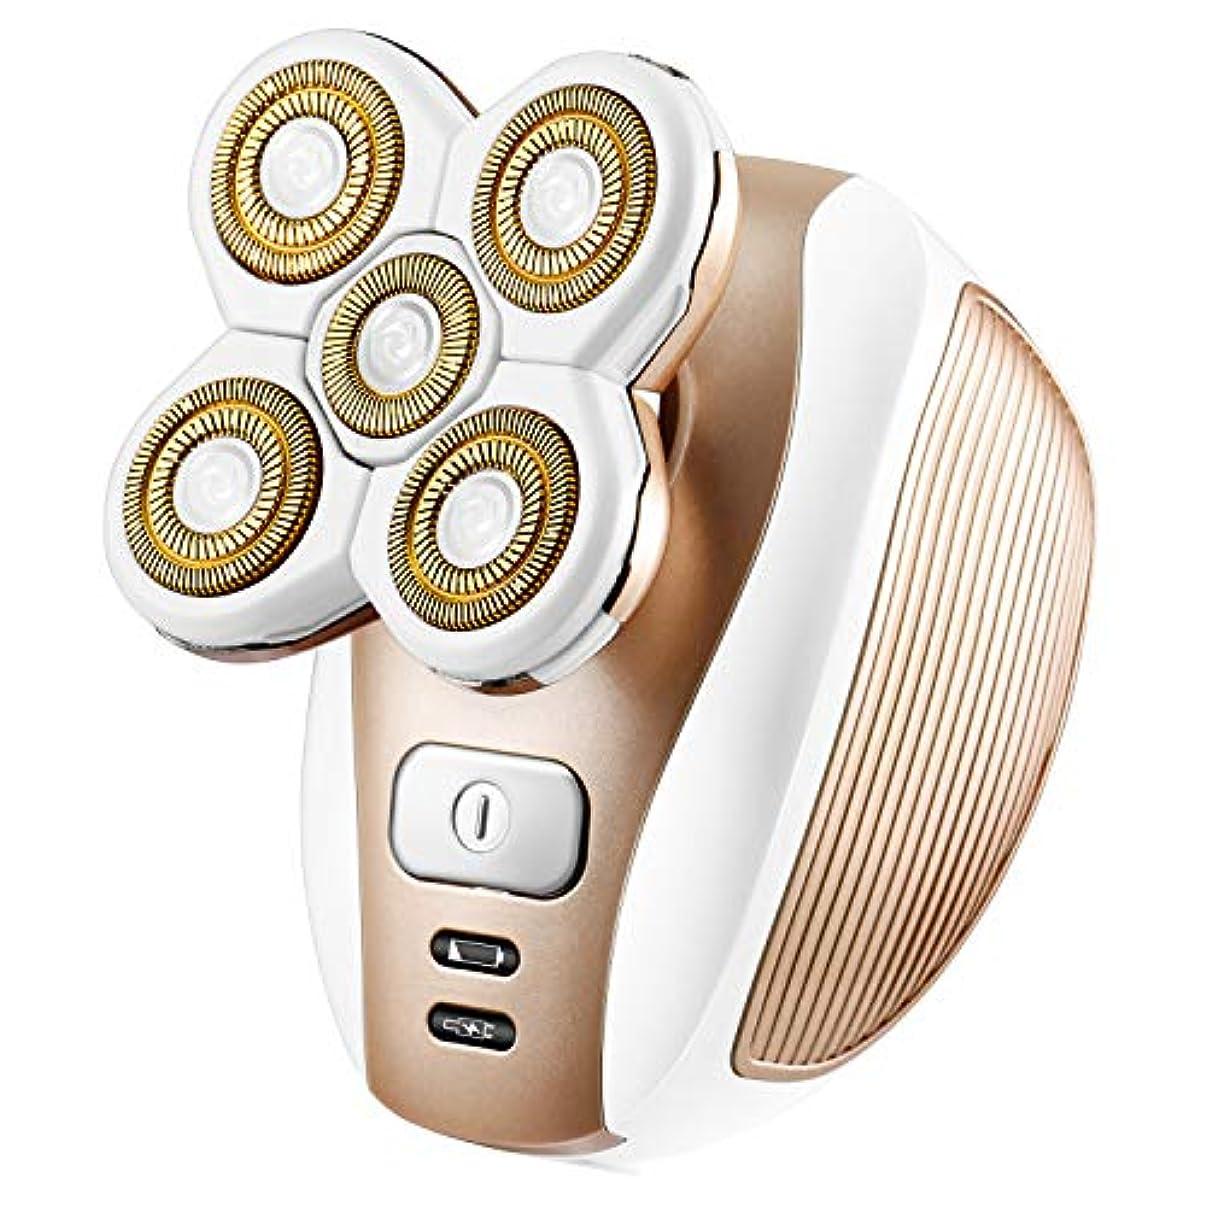 明日太鼓腹目立つMagicfly レディースシェーバー(女性用 電気脱毛器) USB充電式 携帯用 防水 ゴルード